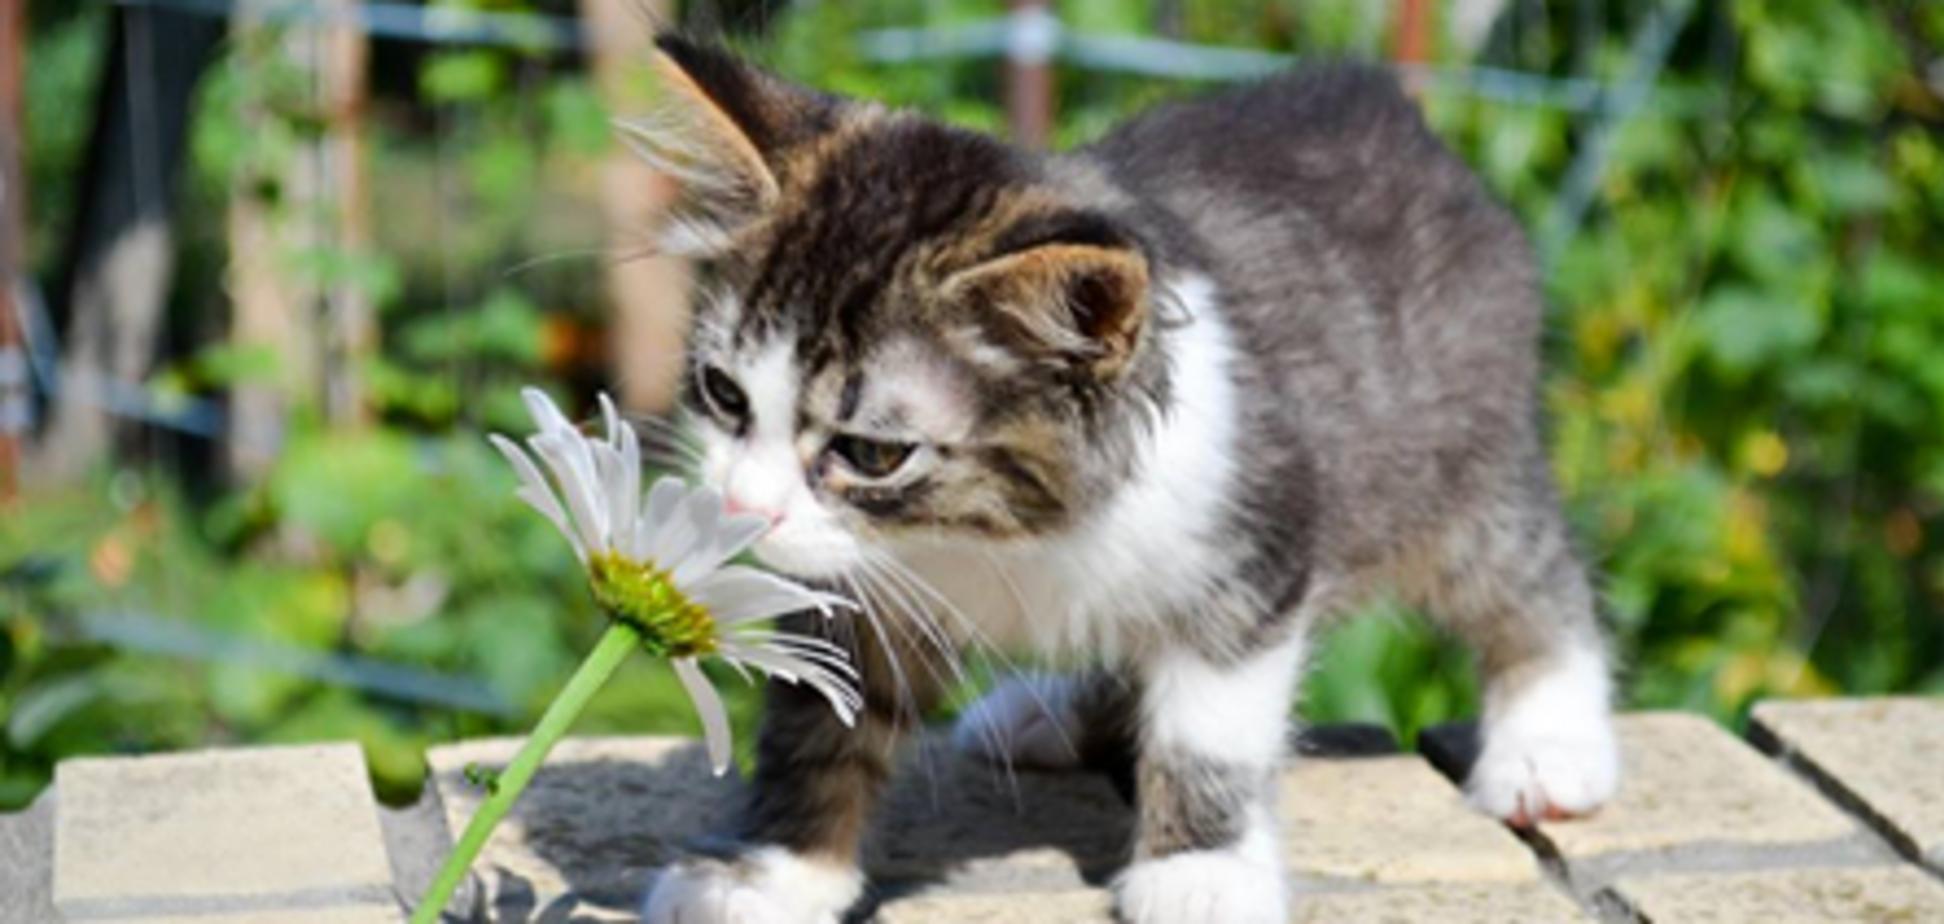 Друг у подарунок: кошенята Дніпра, які шукають дім